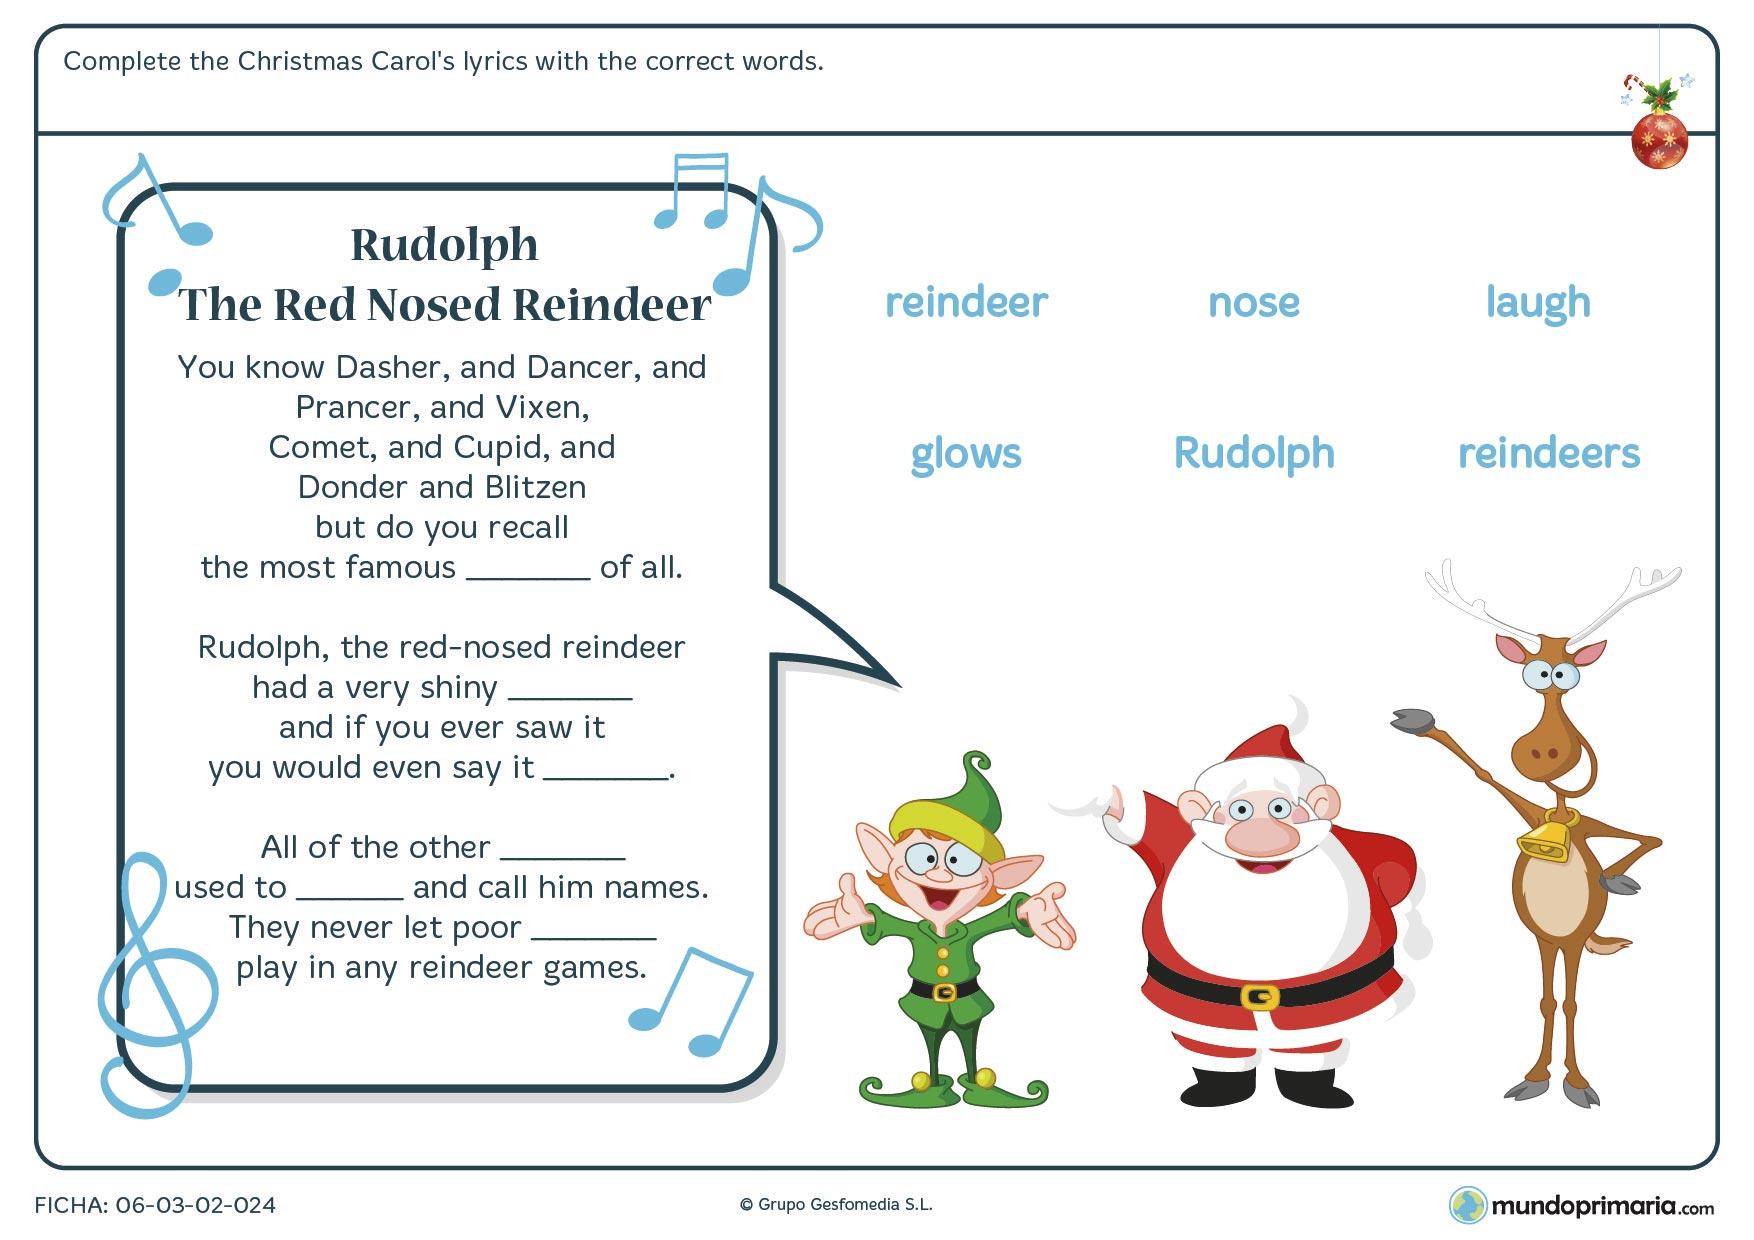 Ficha de vocabulario de la Navidad para niños de primaria relacionada con un conocido villancico